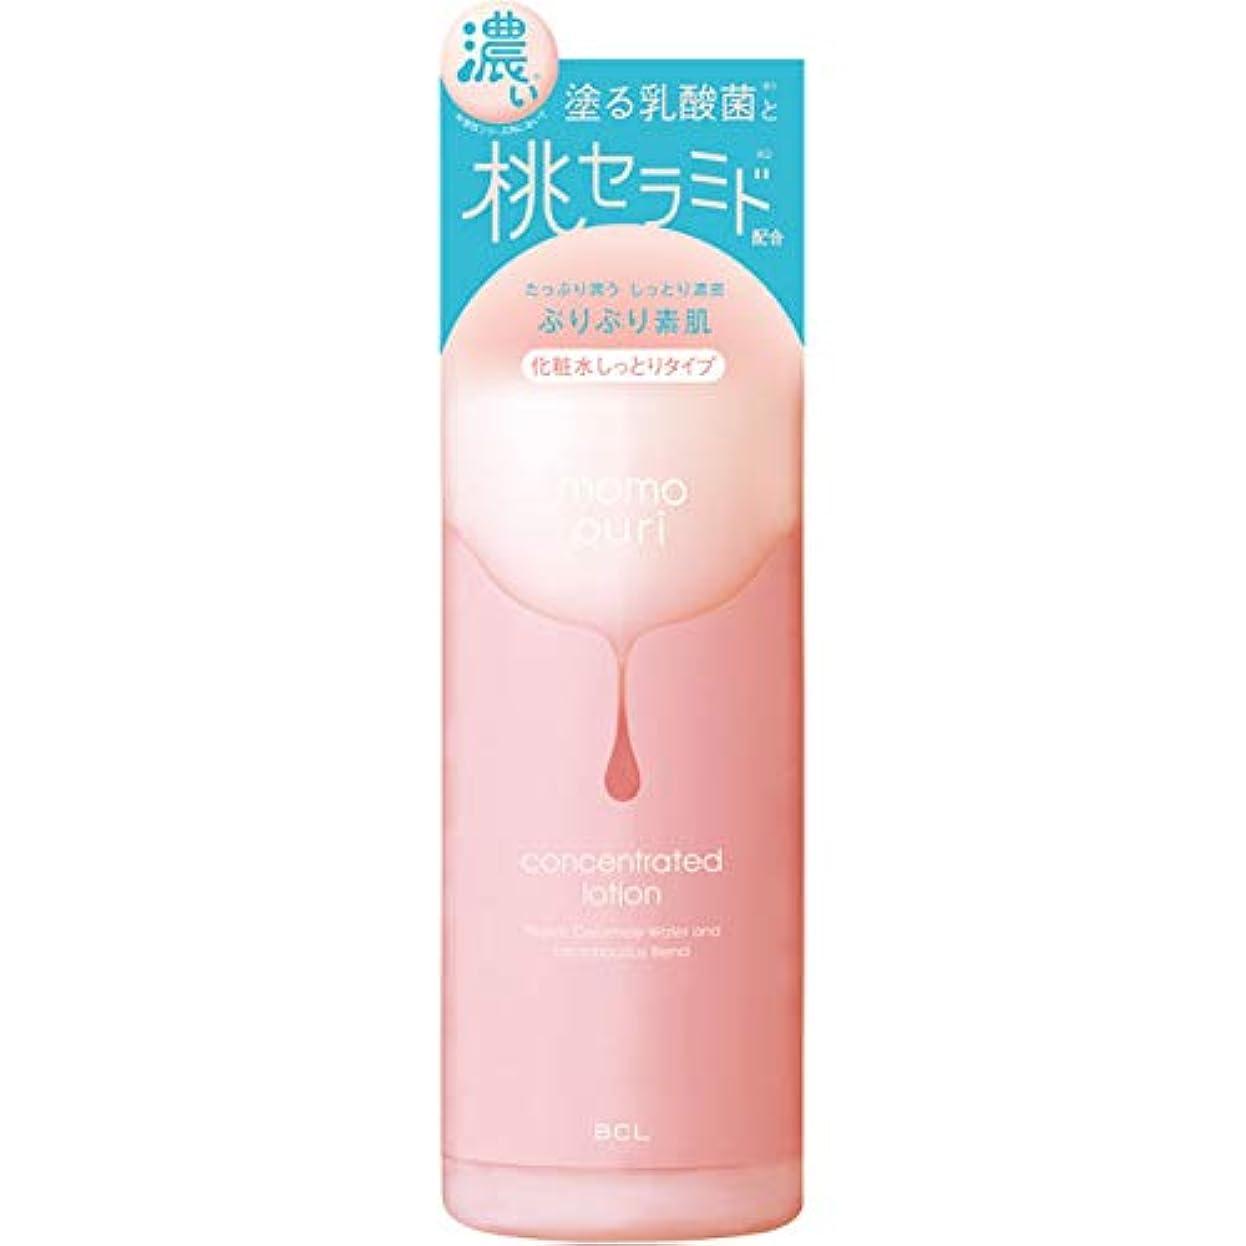 パテ水星たぶん【4個セット】ももぷり 潤い濃密化粧水 200ml